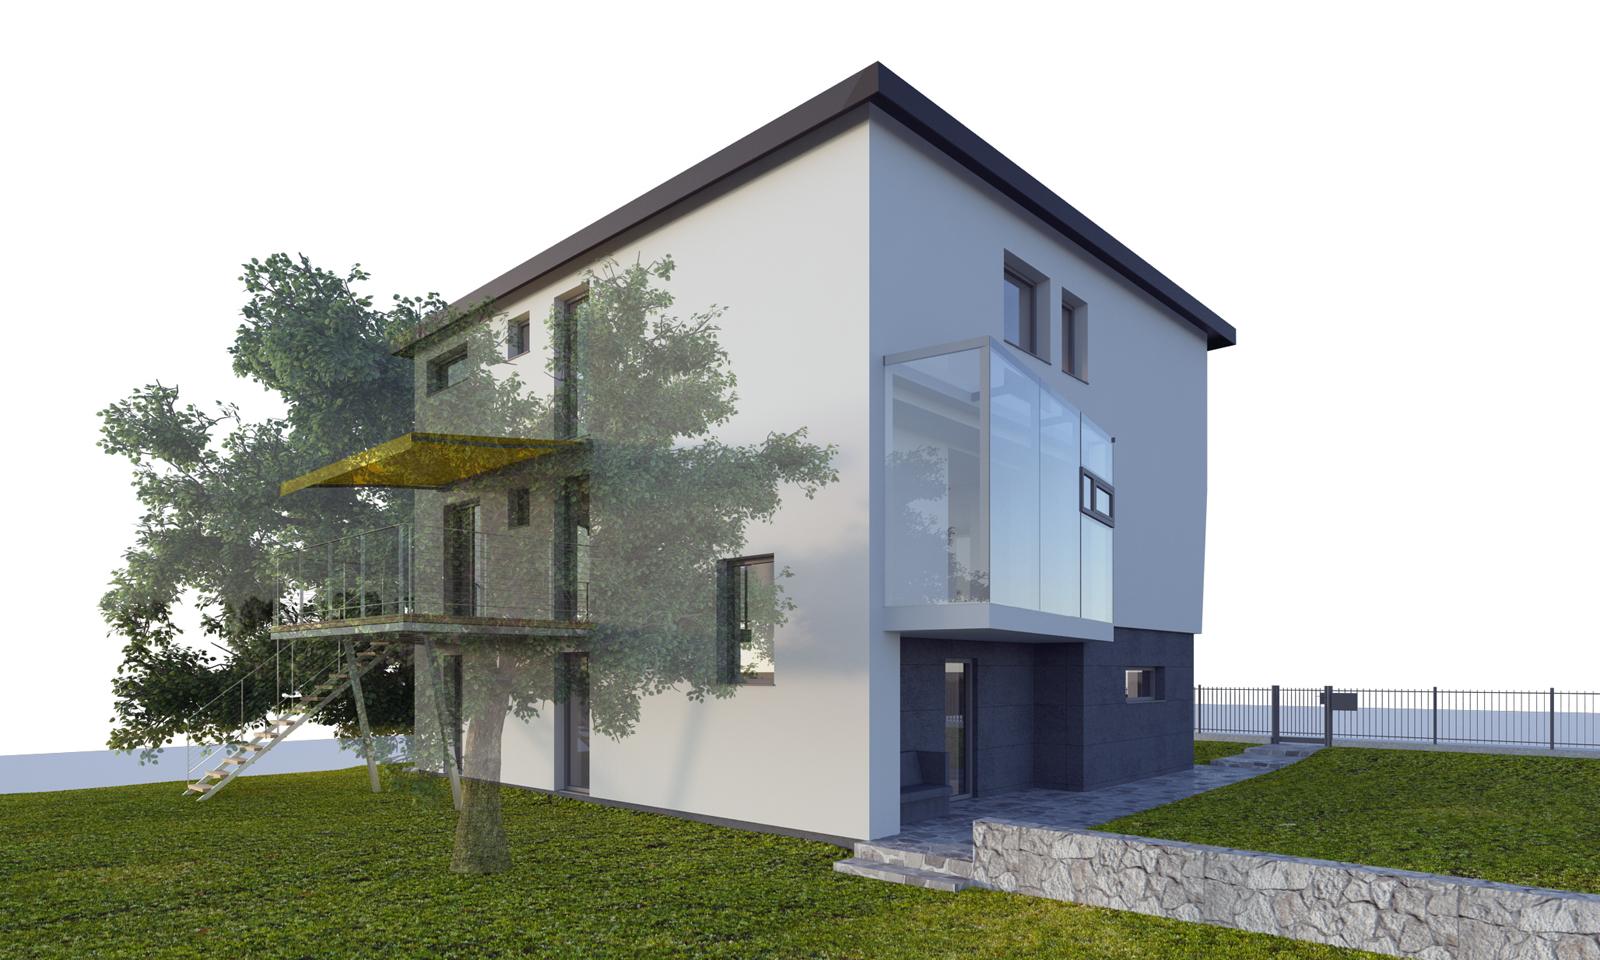 12 Proposed Exterior